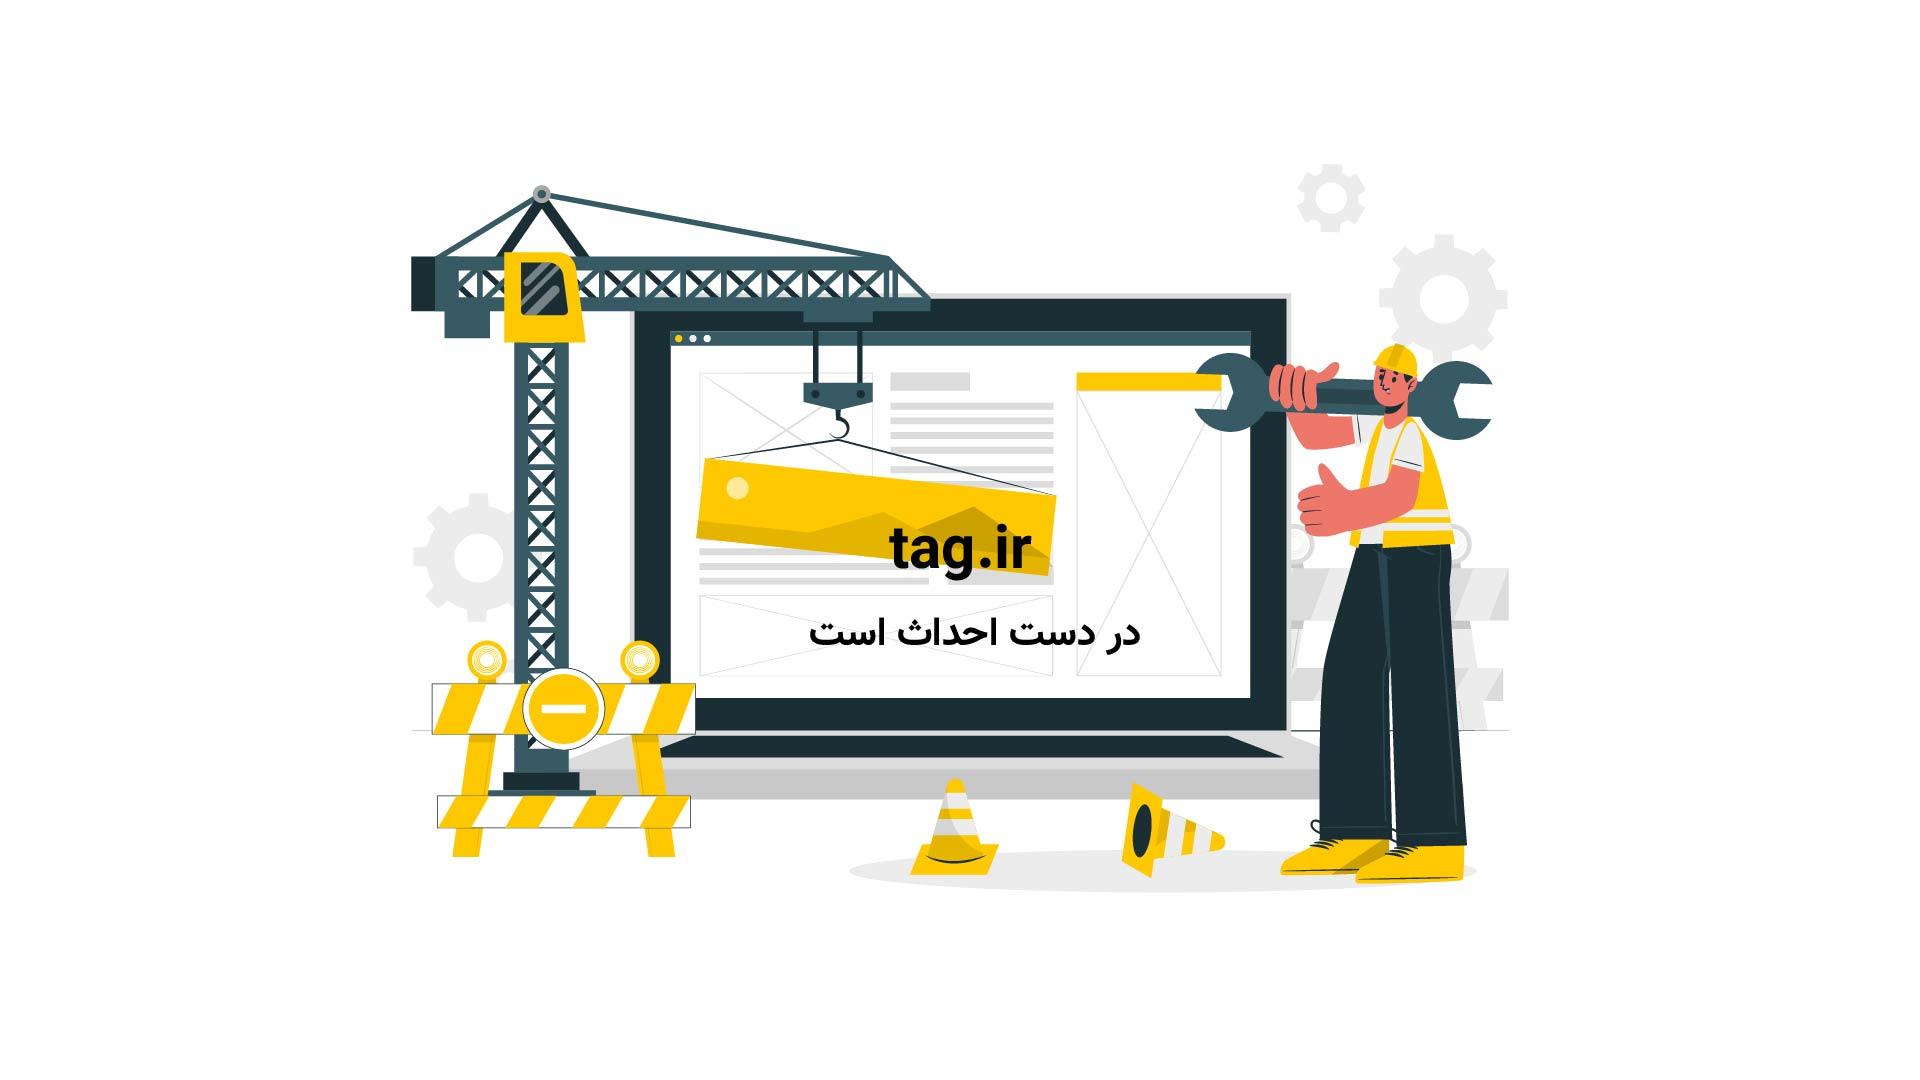 تکنیک نقاشی با آبرنگ؛ آموزش مقدماتی کشیدن ماه کامل | فیلم